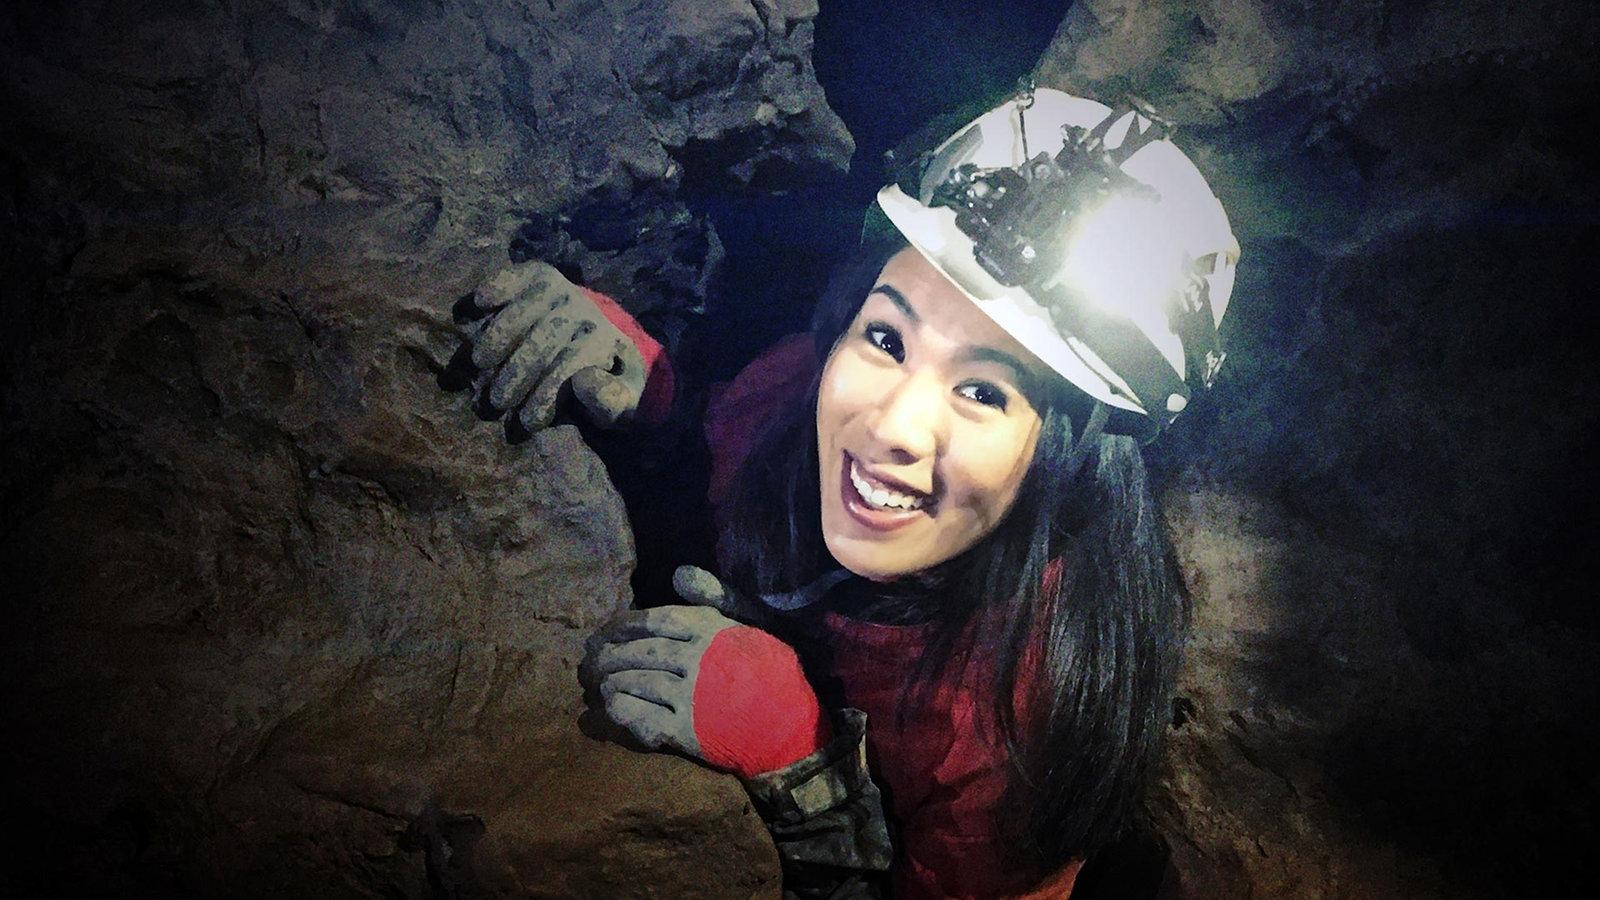 Rätselhafte Höhlen – wie wir die Welt unter unseren Füßen entdecken